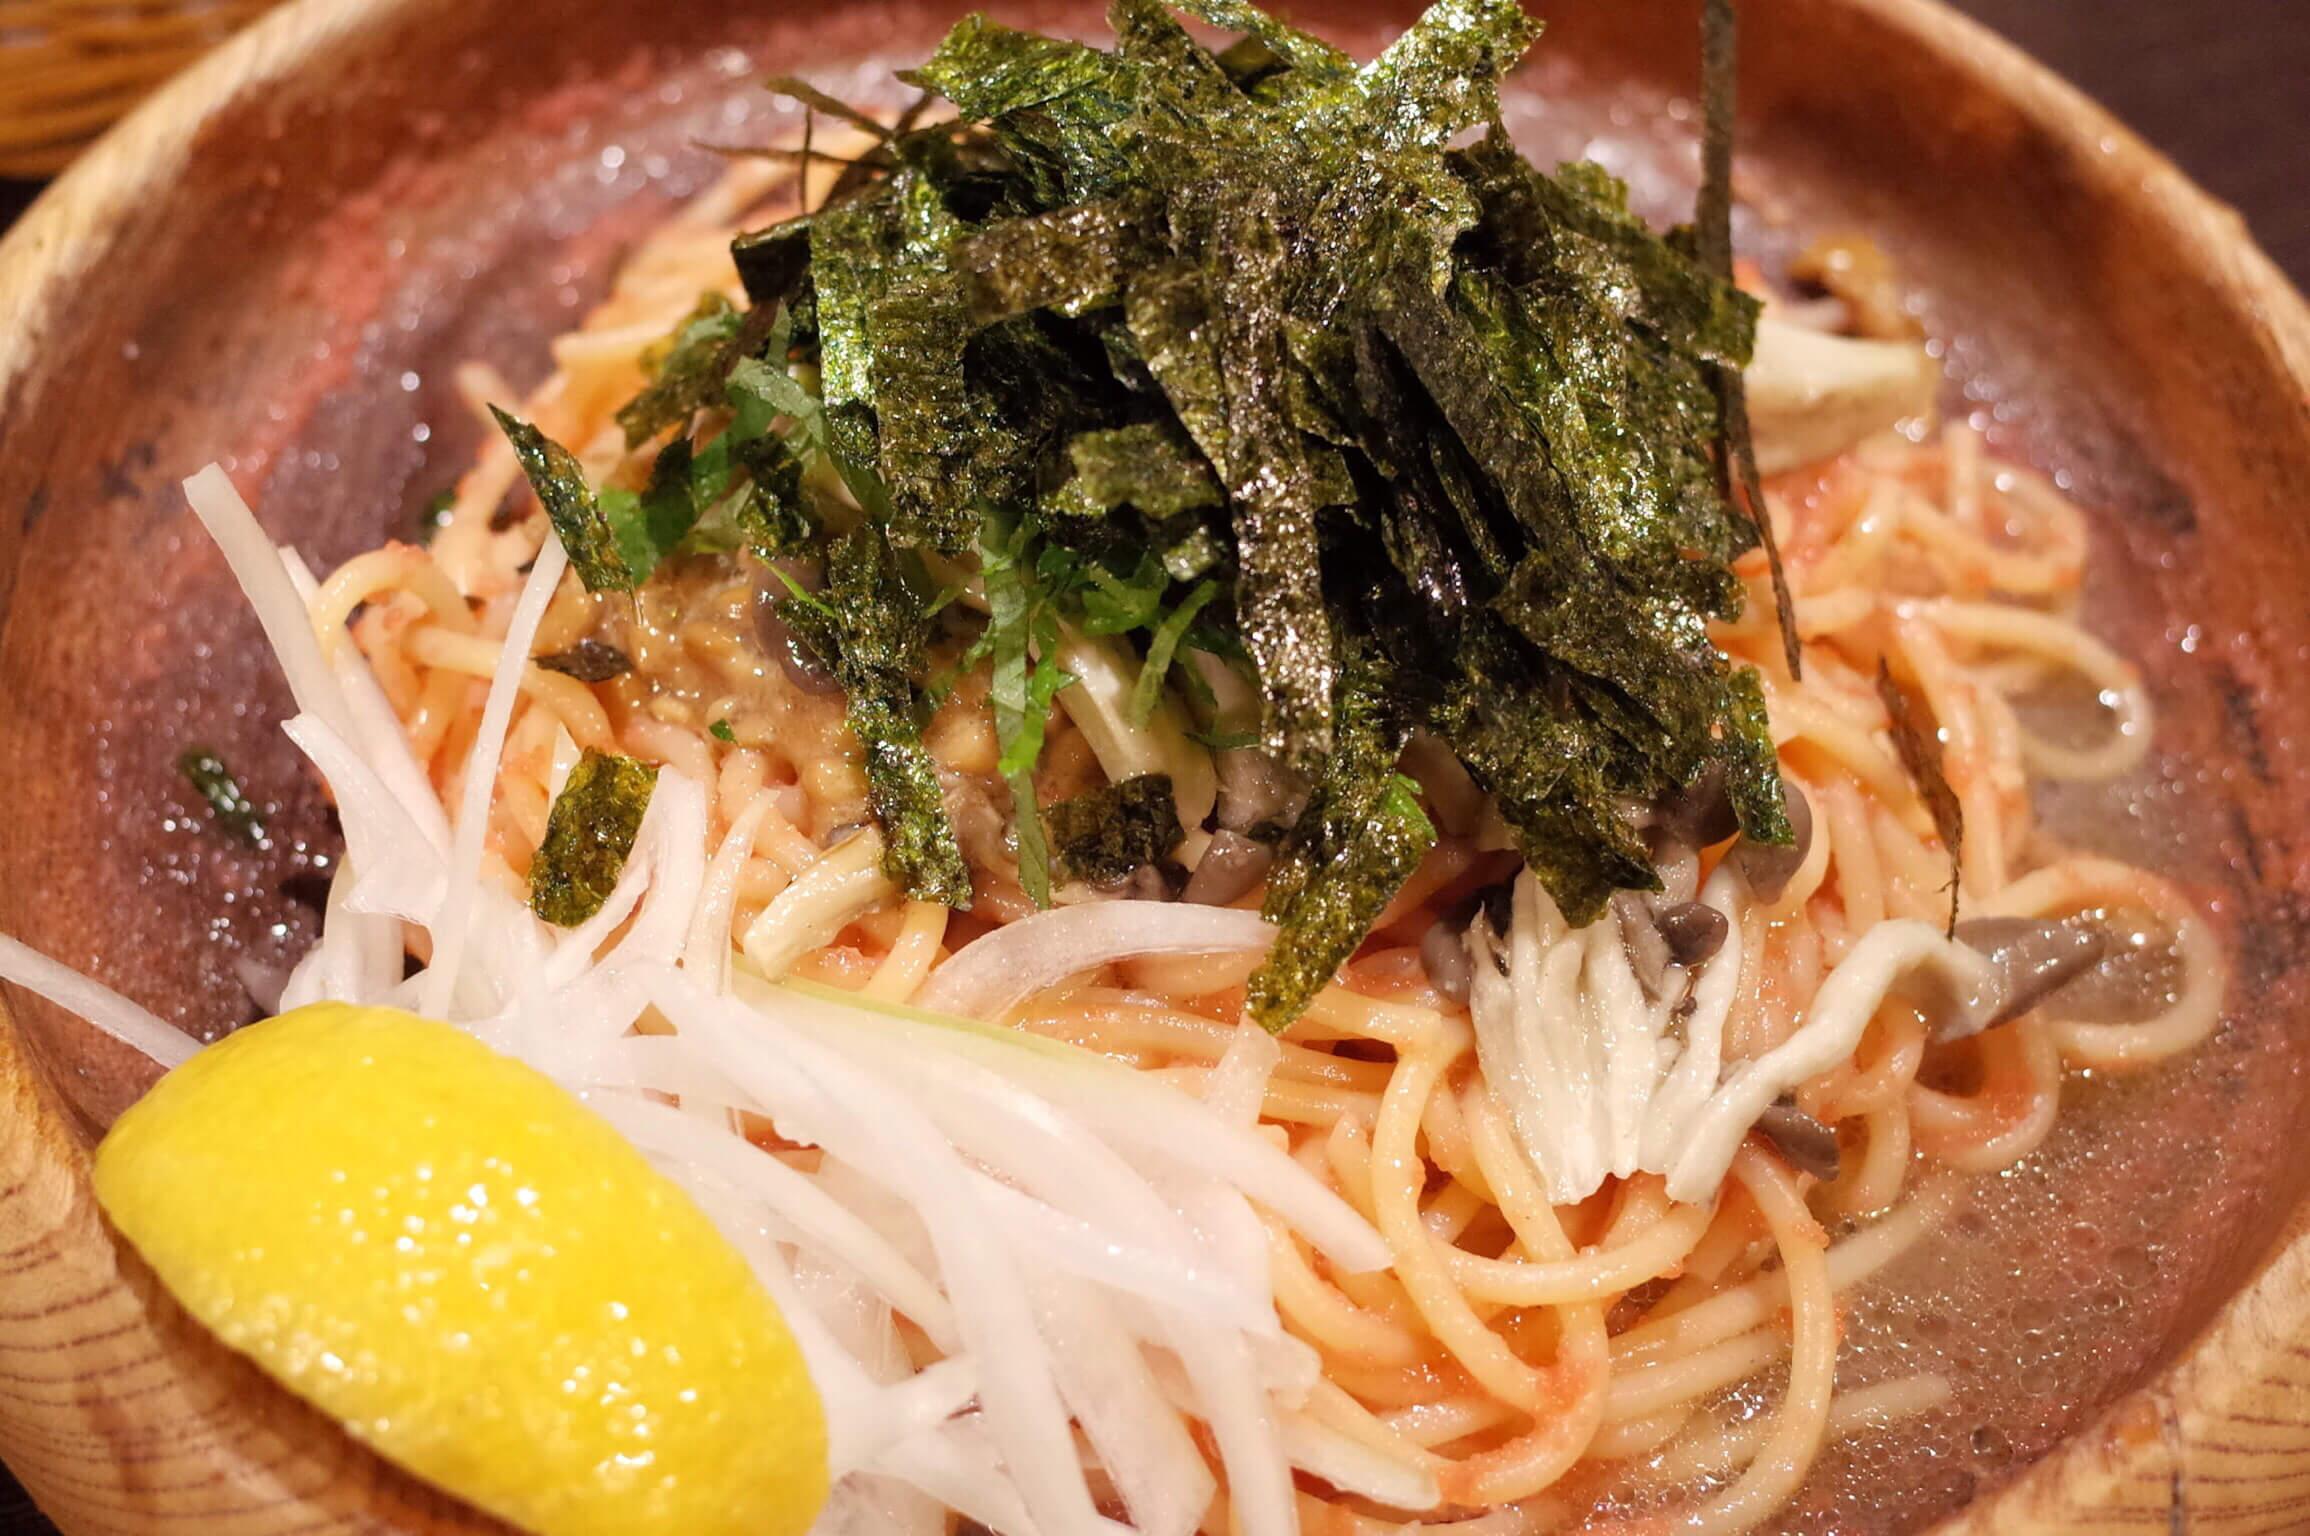 【食レポ】モーゼ 東中野   地元民が虜になるめっちゃ美味いスパゲティ!ランチにおすすめ!